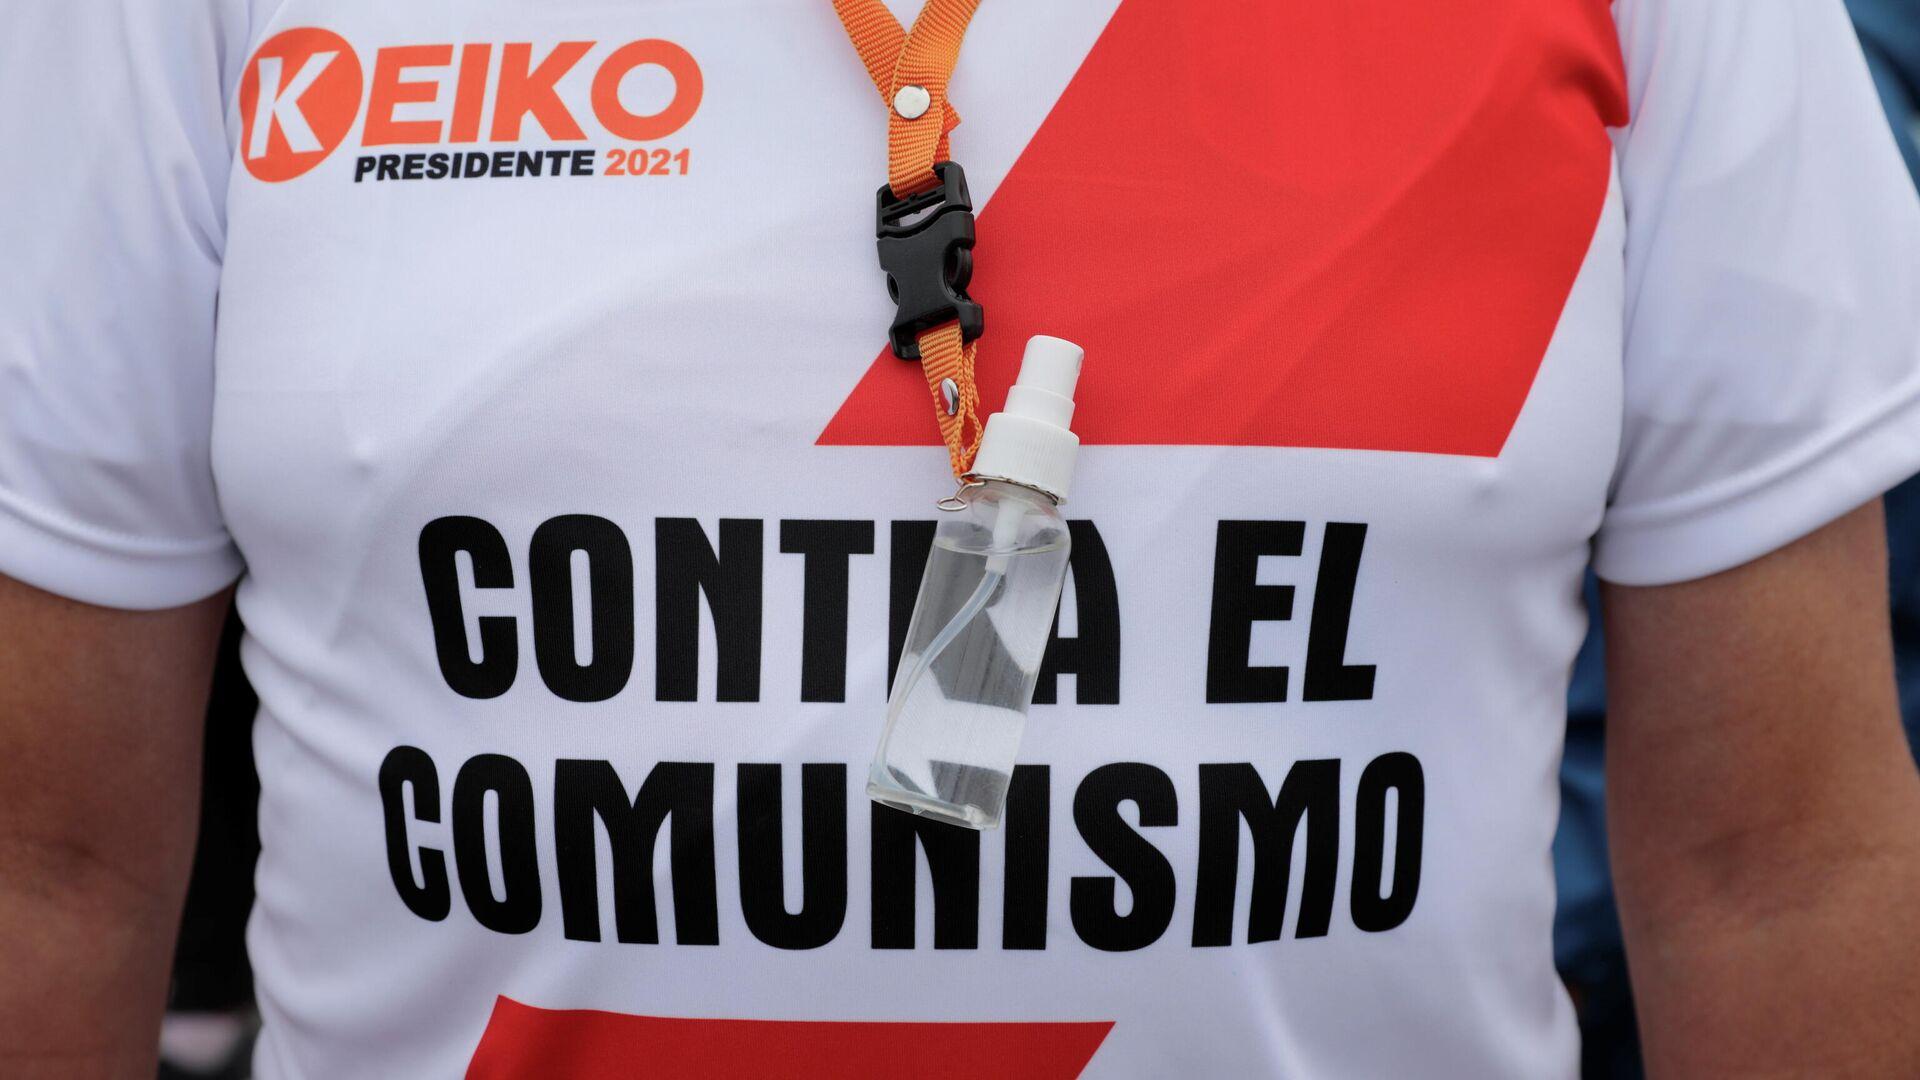 Partidario de Keiko Fujimori con camiseta que dice Contra el comunismo - Sputnik Mundo, 1920, 19.05.2021